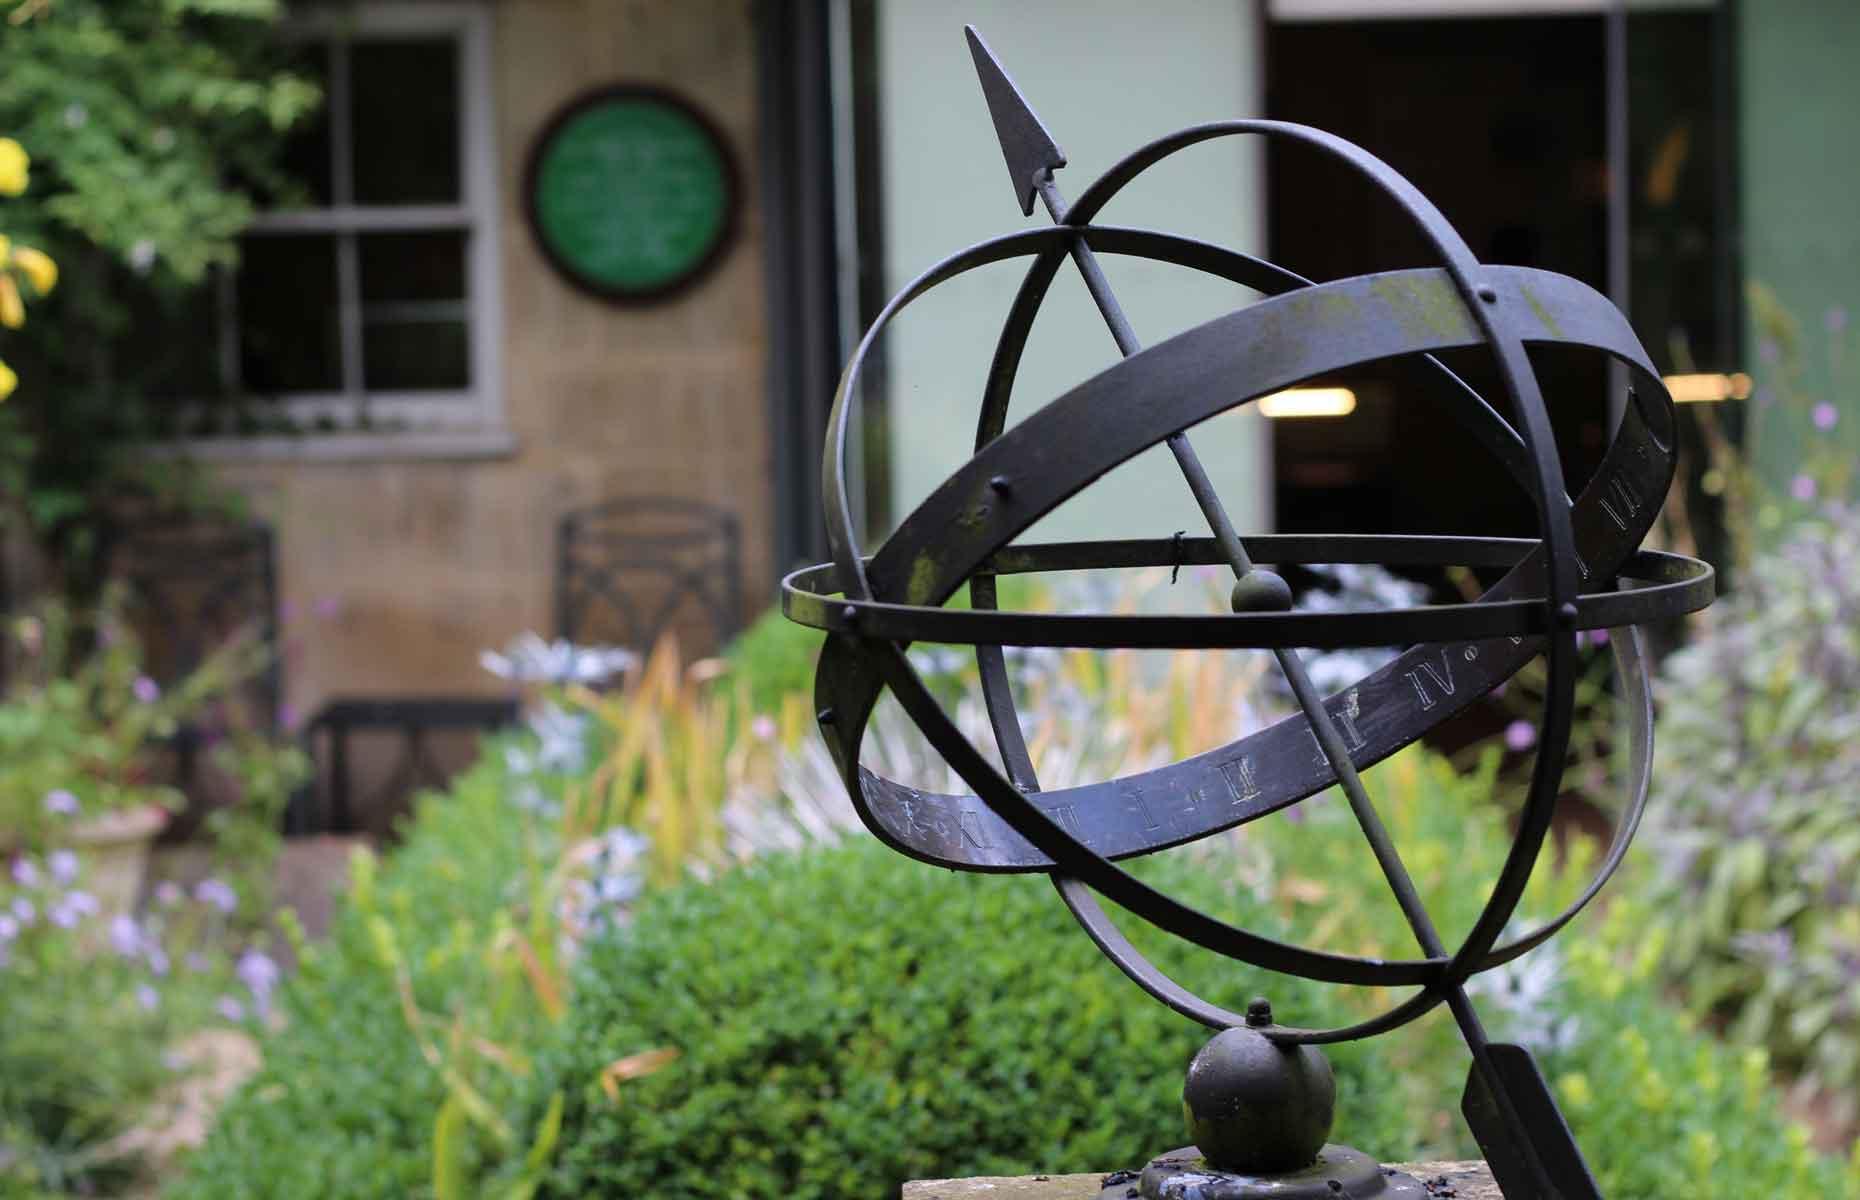 The garden of the Herschel Museum of Astronomy